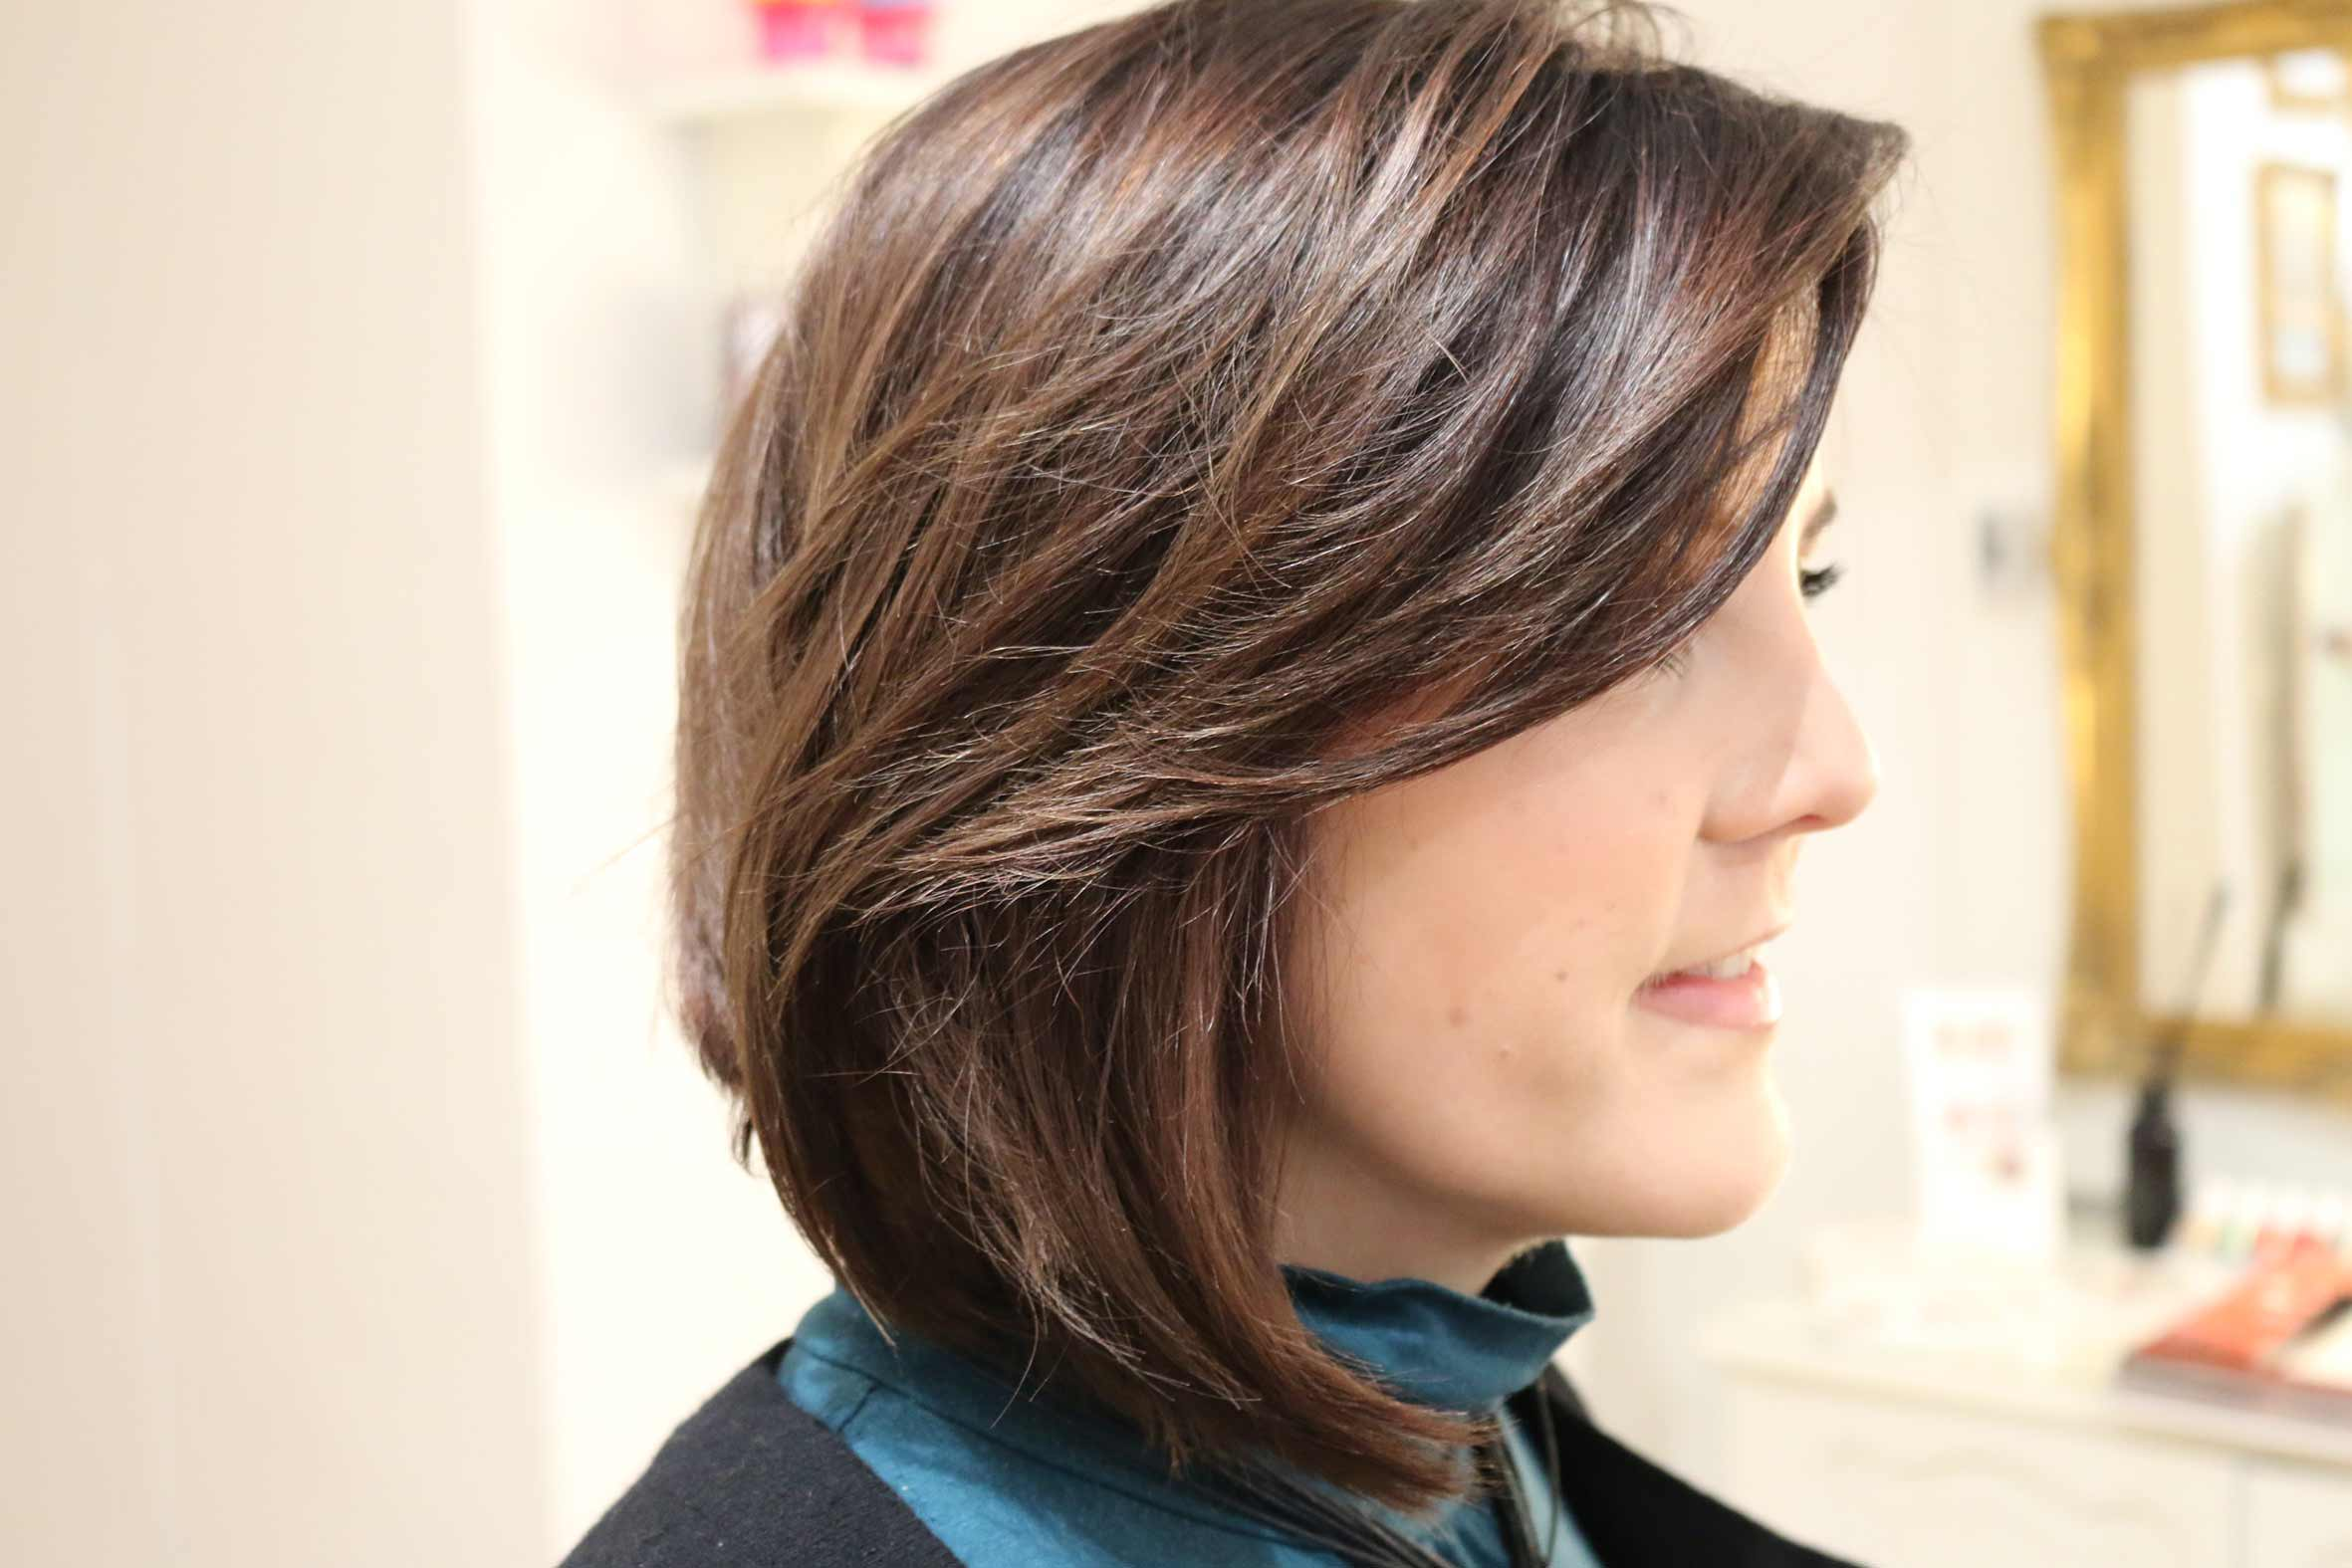 langer bob für braune haare geschnitten bei PÜPPIKRAM deinem Friseur in Berlin Friedrichshain